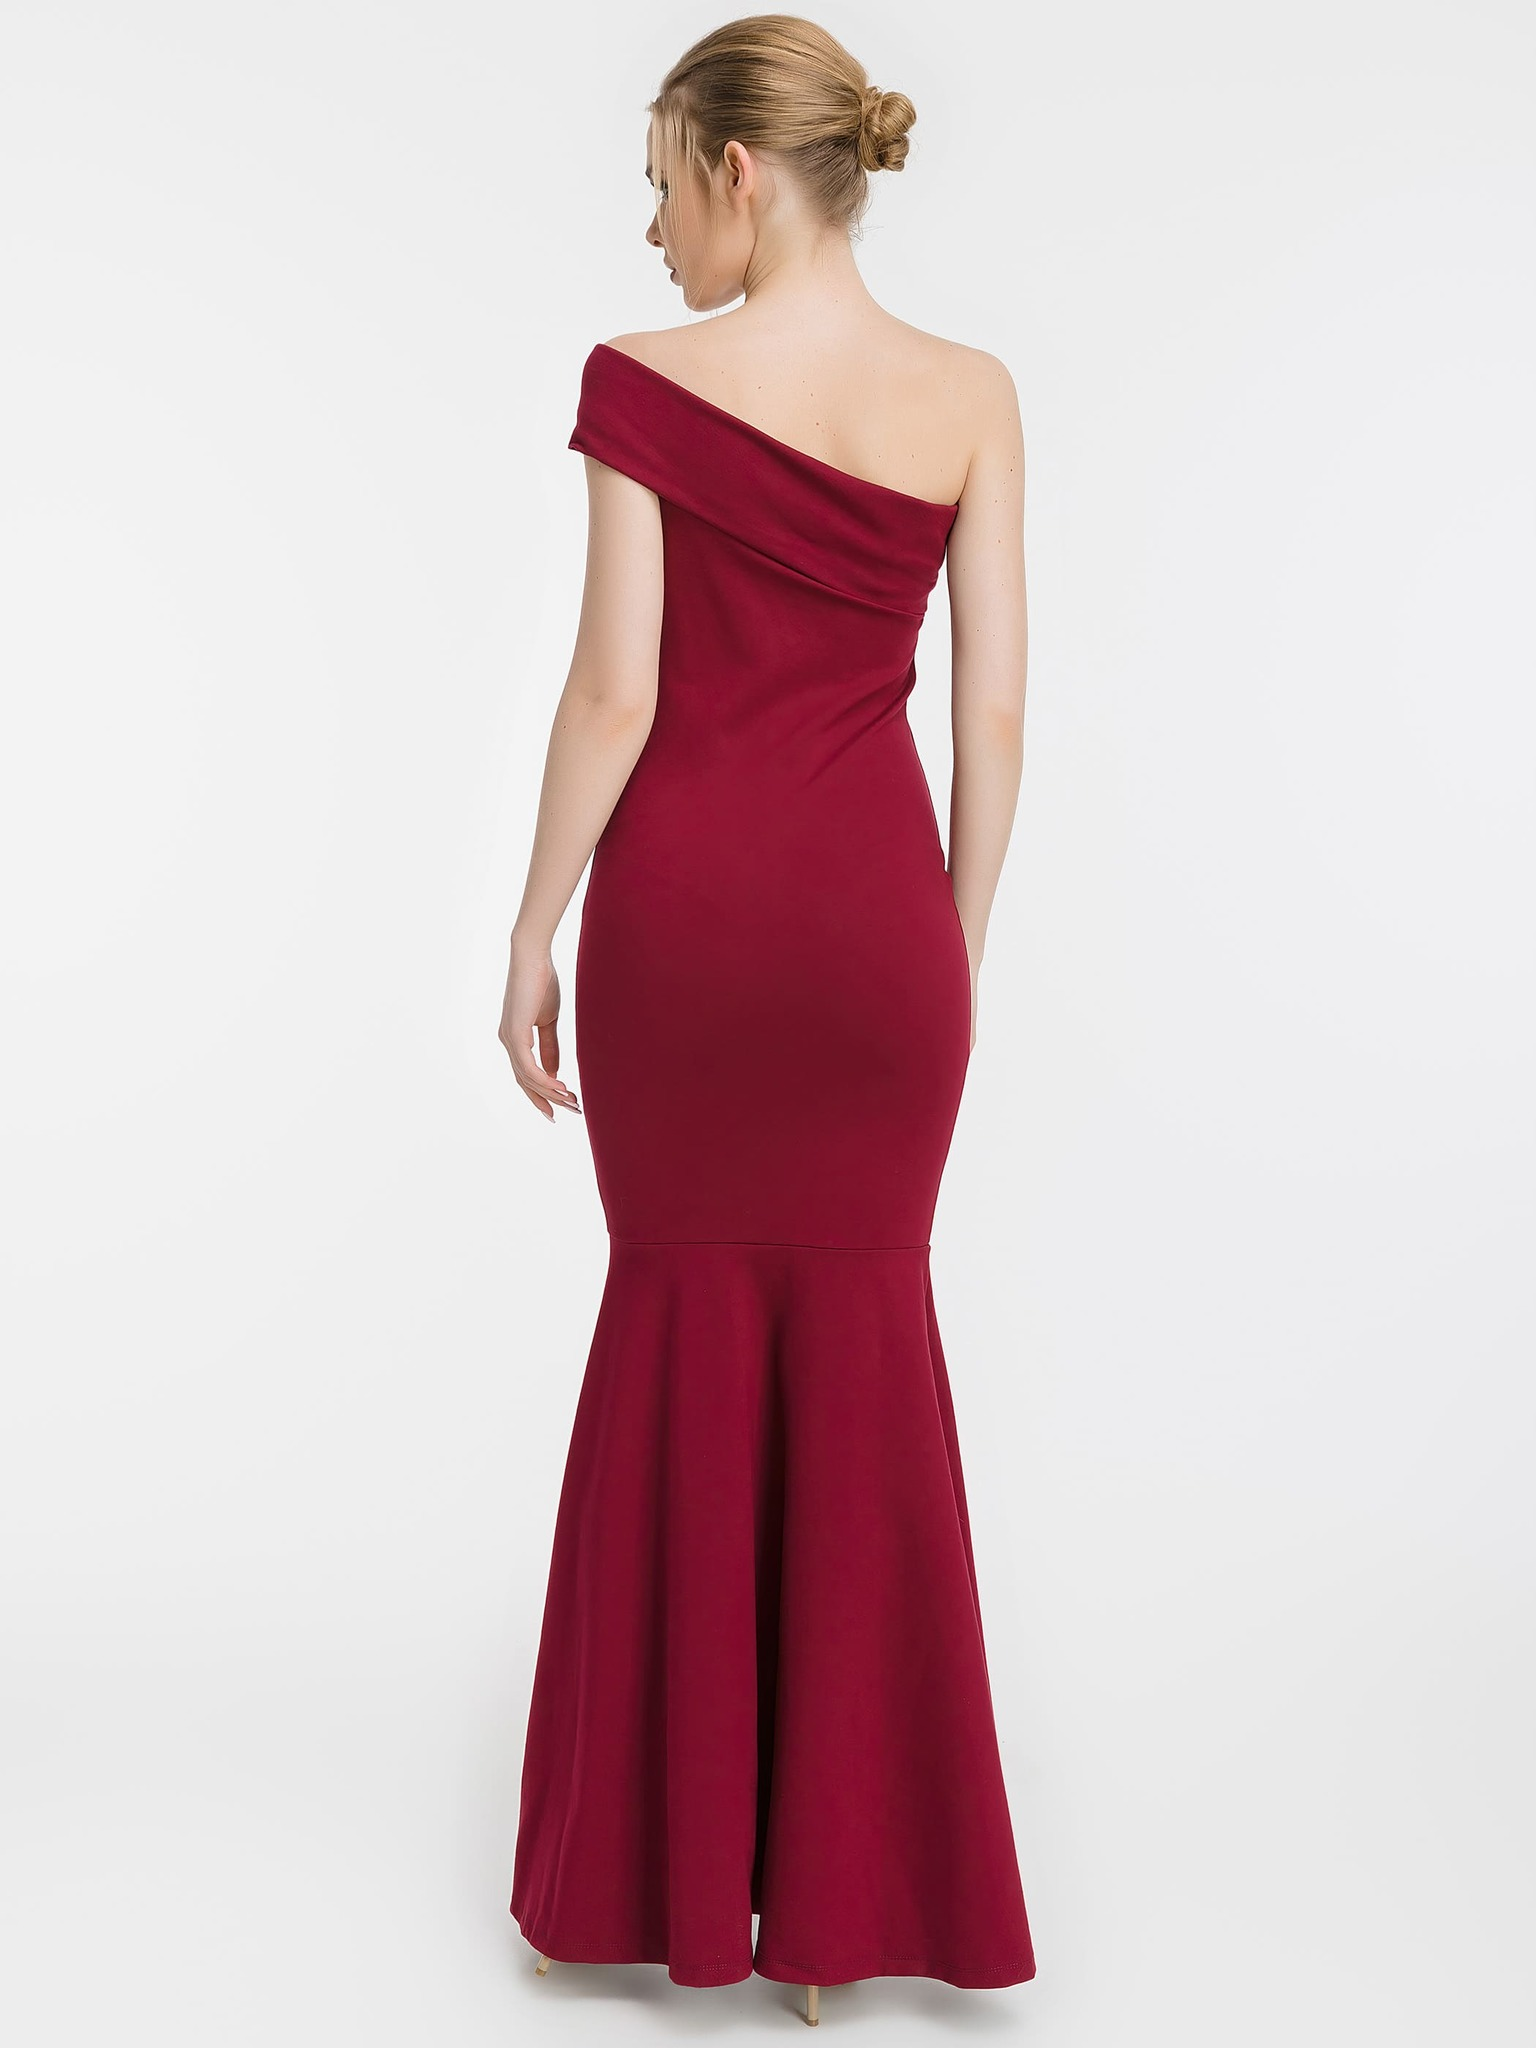 Вечернее платье-рыбка с одним плечом, бордовое